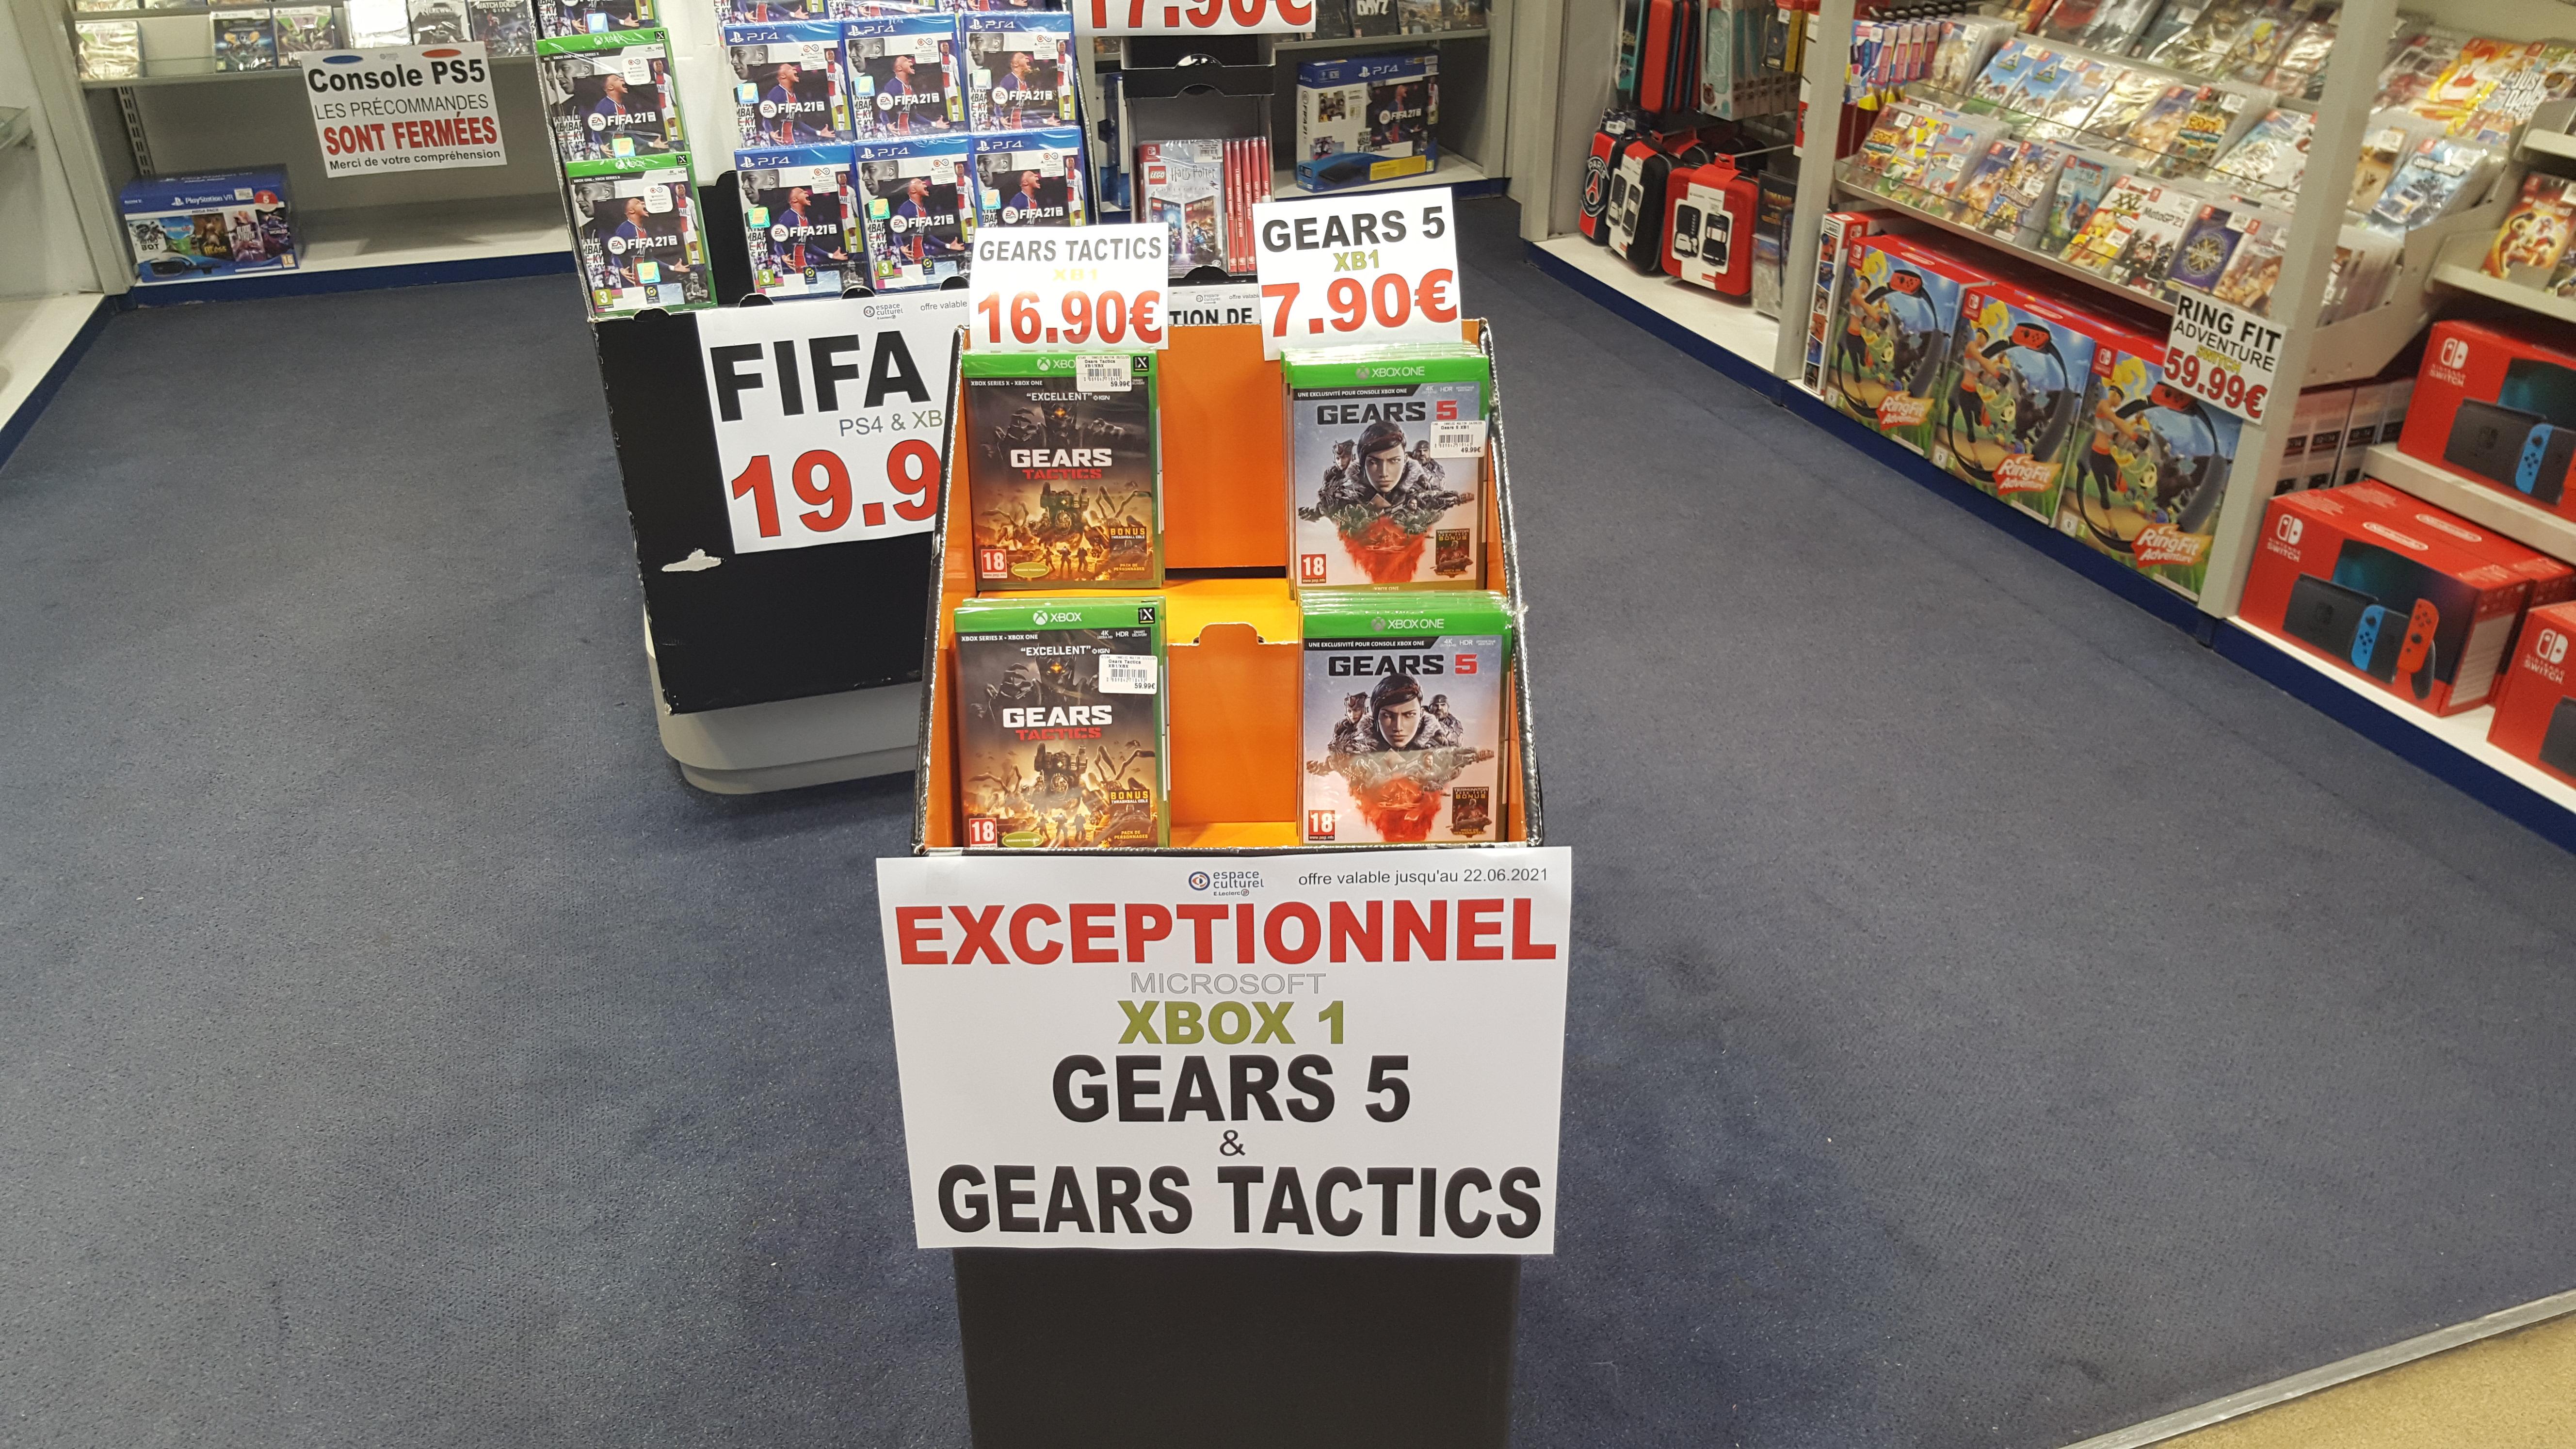 Sélection de jeux en promotion - Ex : Gears 5 sur Xbox One - Maizieres-lès-Metz (57)